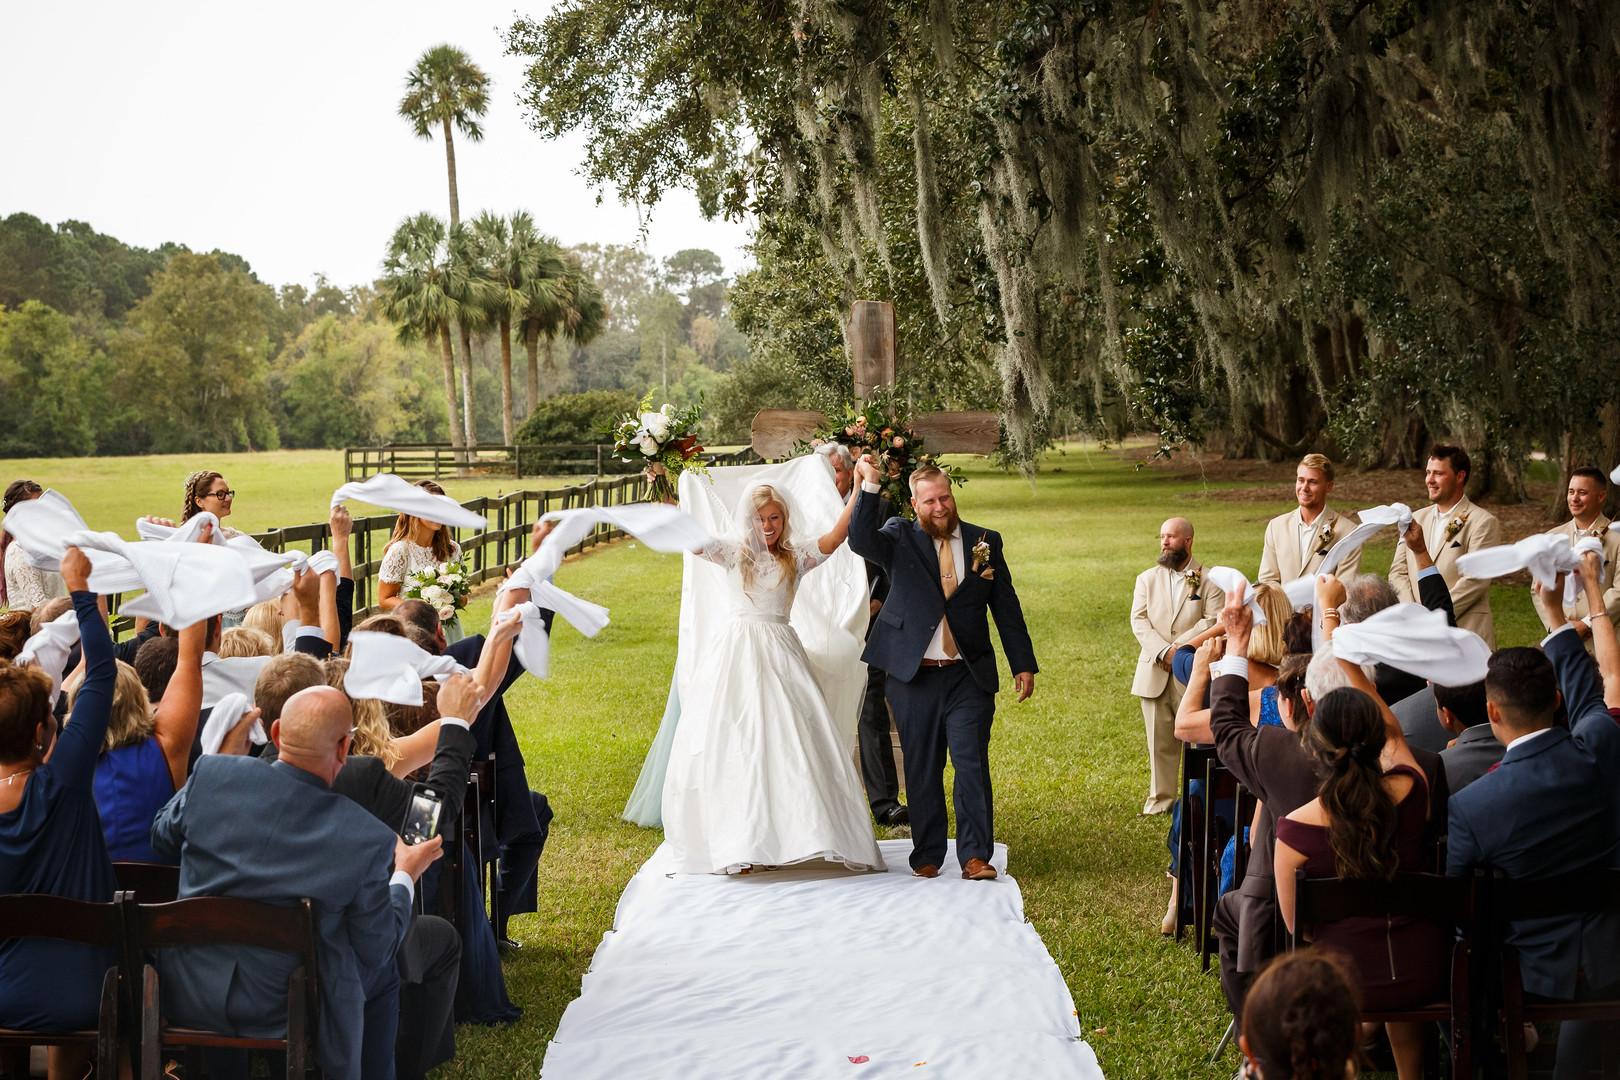 boone-hall-plantation-wedding-18.jpg